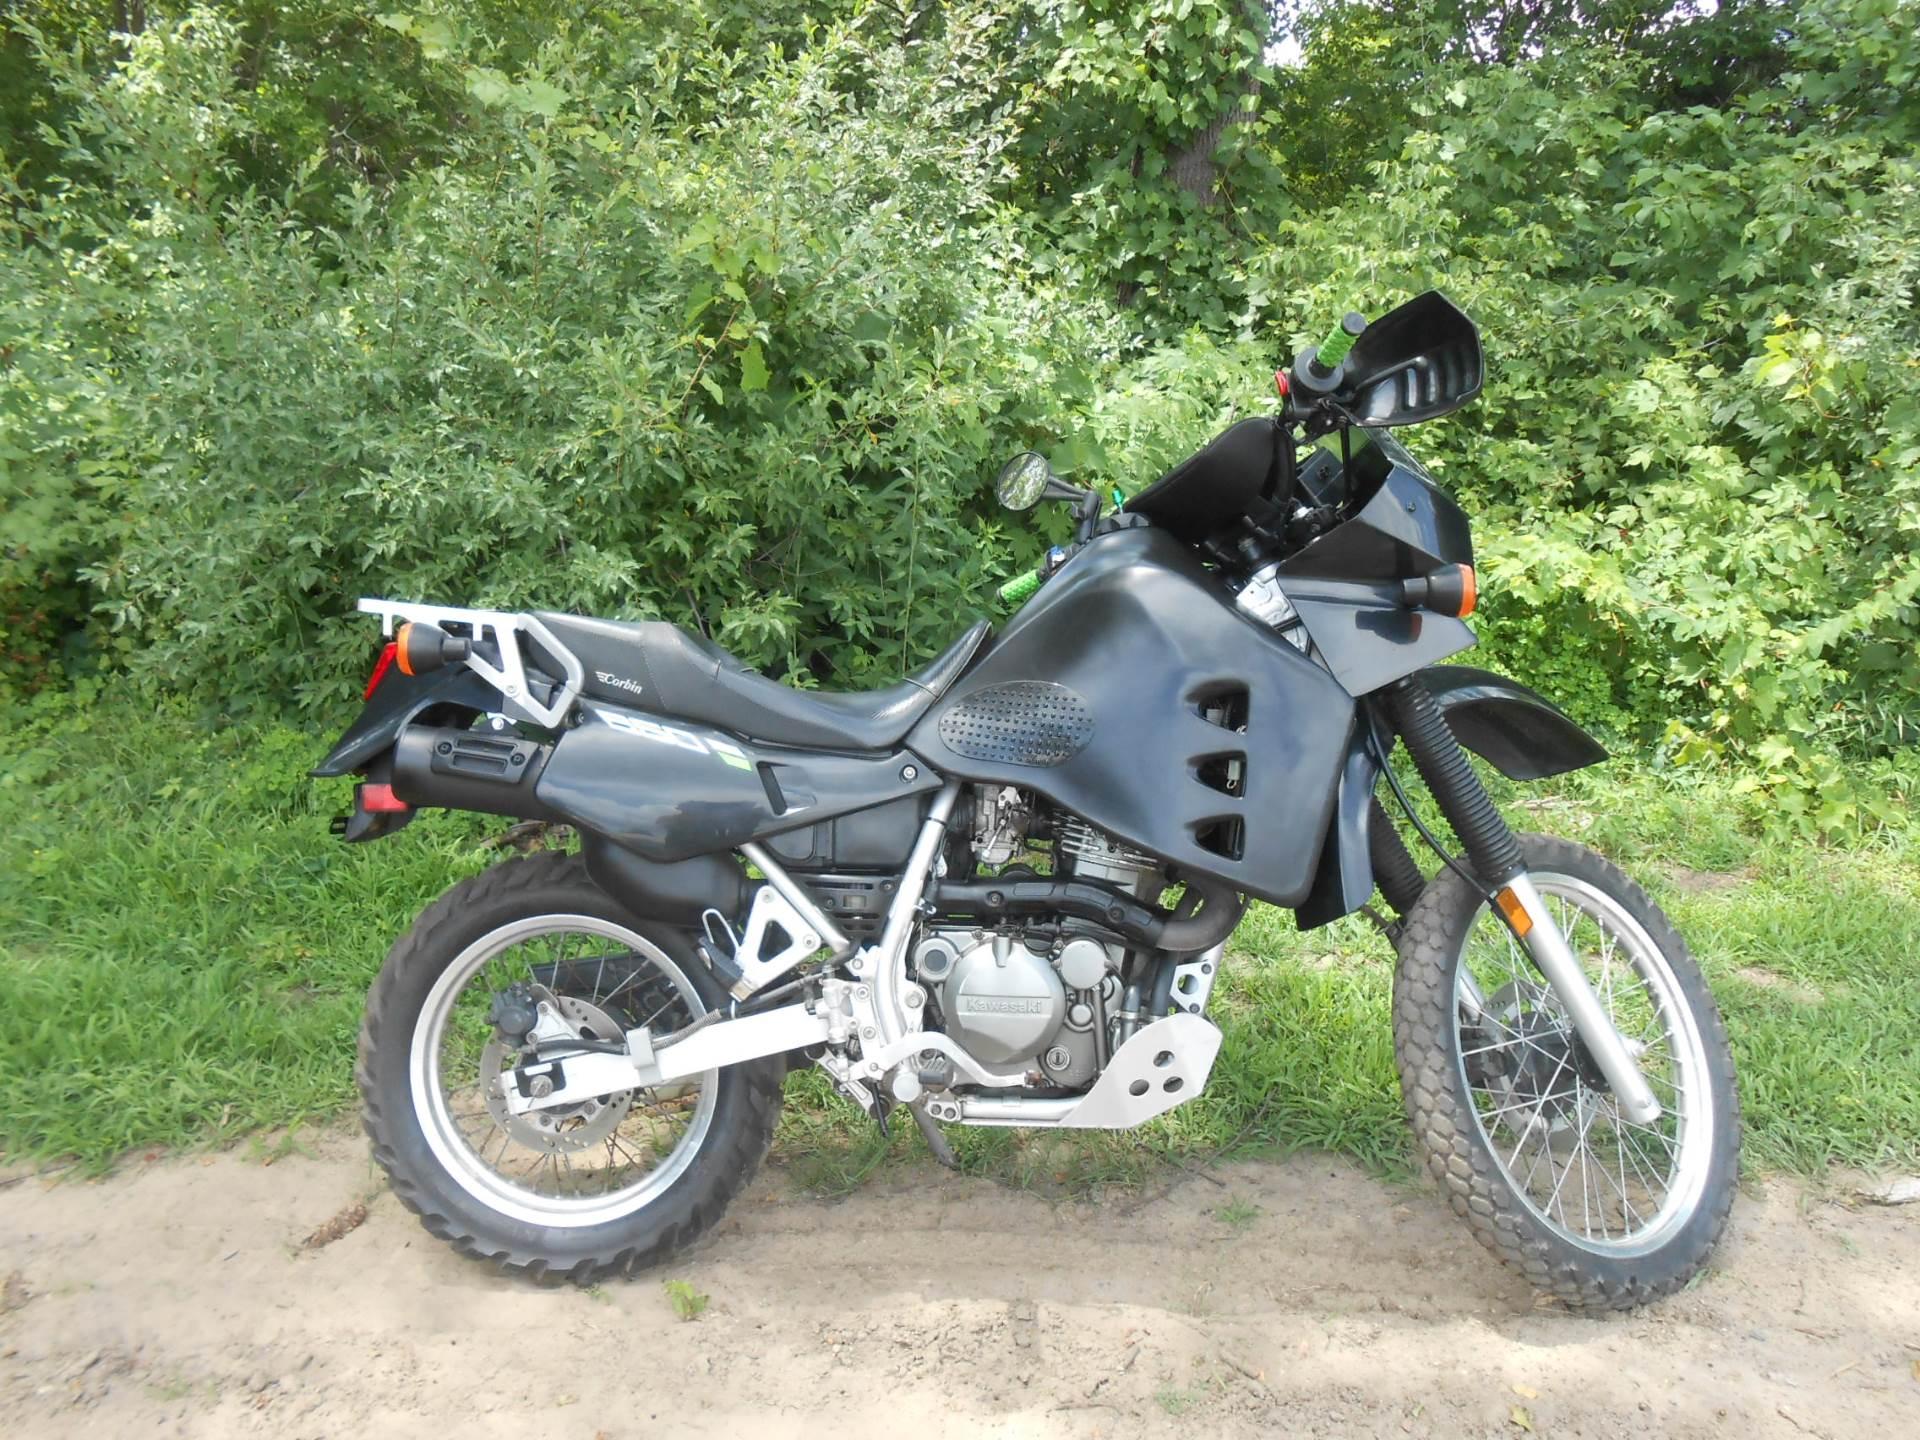 2007 Kawasaki KLR 650 4